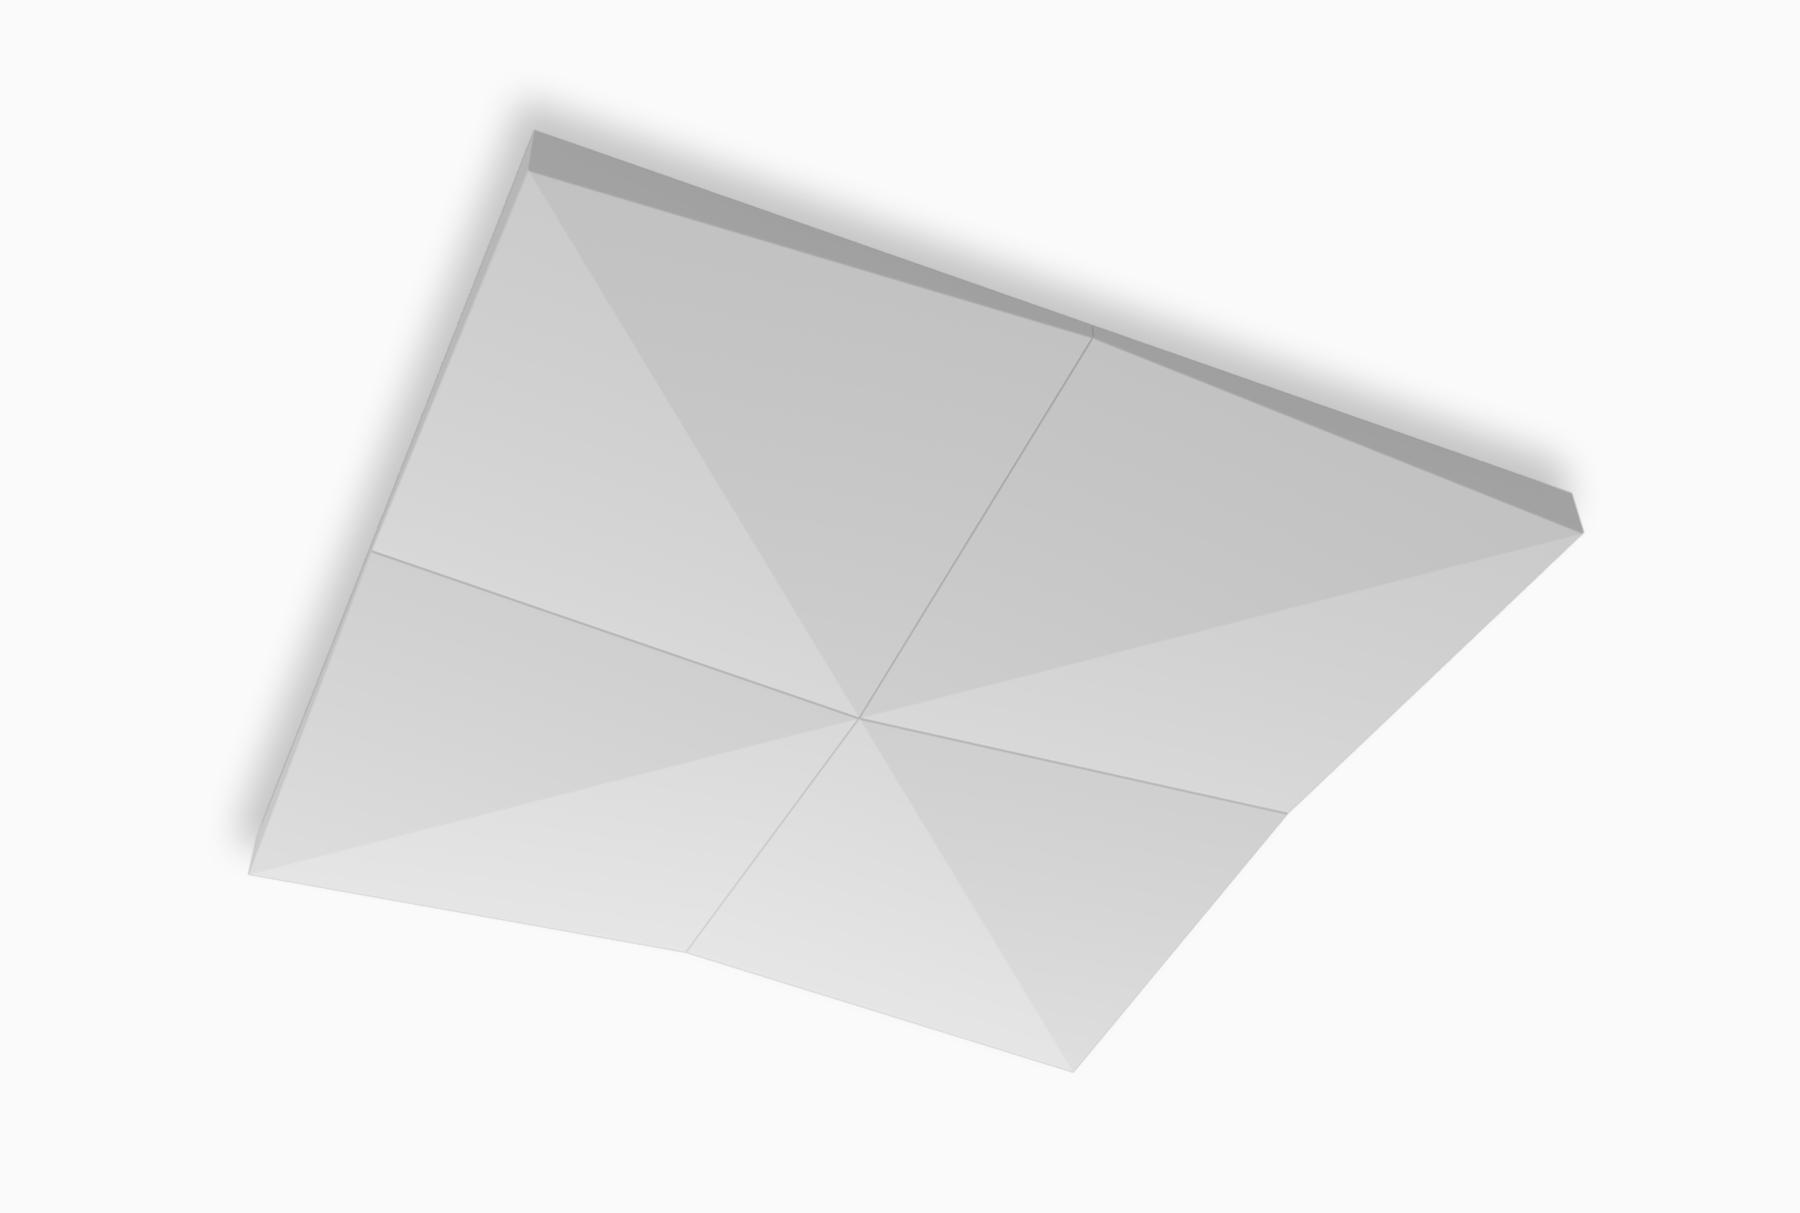 Delta Drop® 4x4 Full Solid render